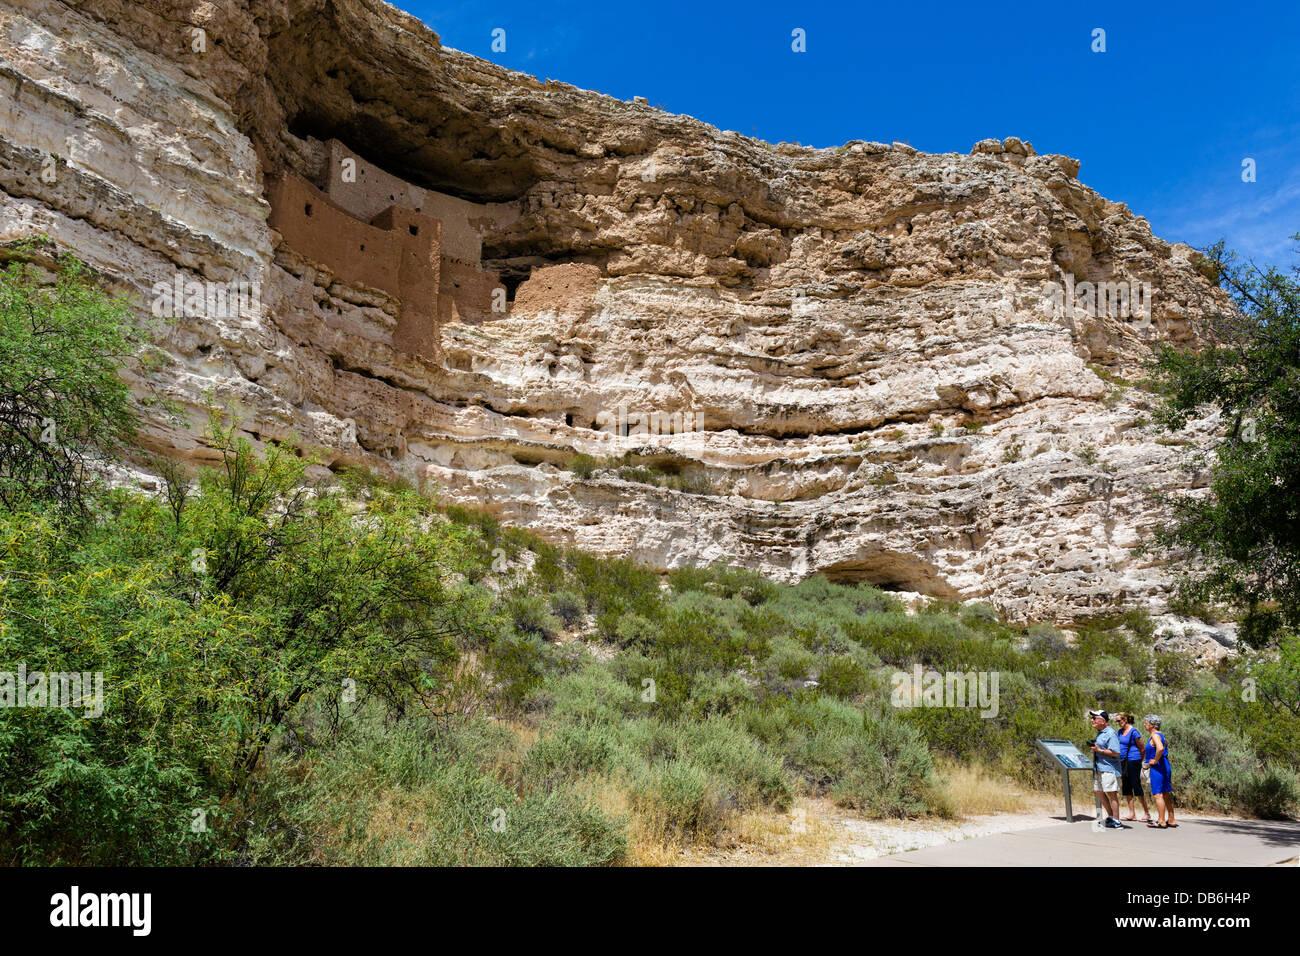 Touristen in Montezuma Castle National Monument, gut erhaltene Klippe Wohnung von den Sinagua nr Camp Verde, Arizona, Stockbild